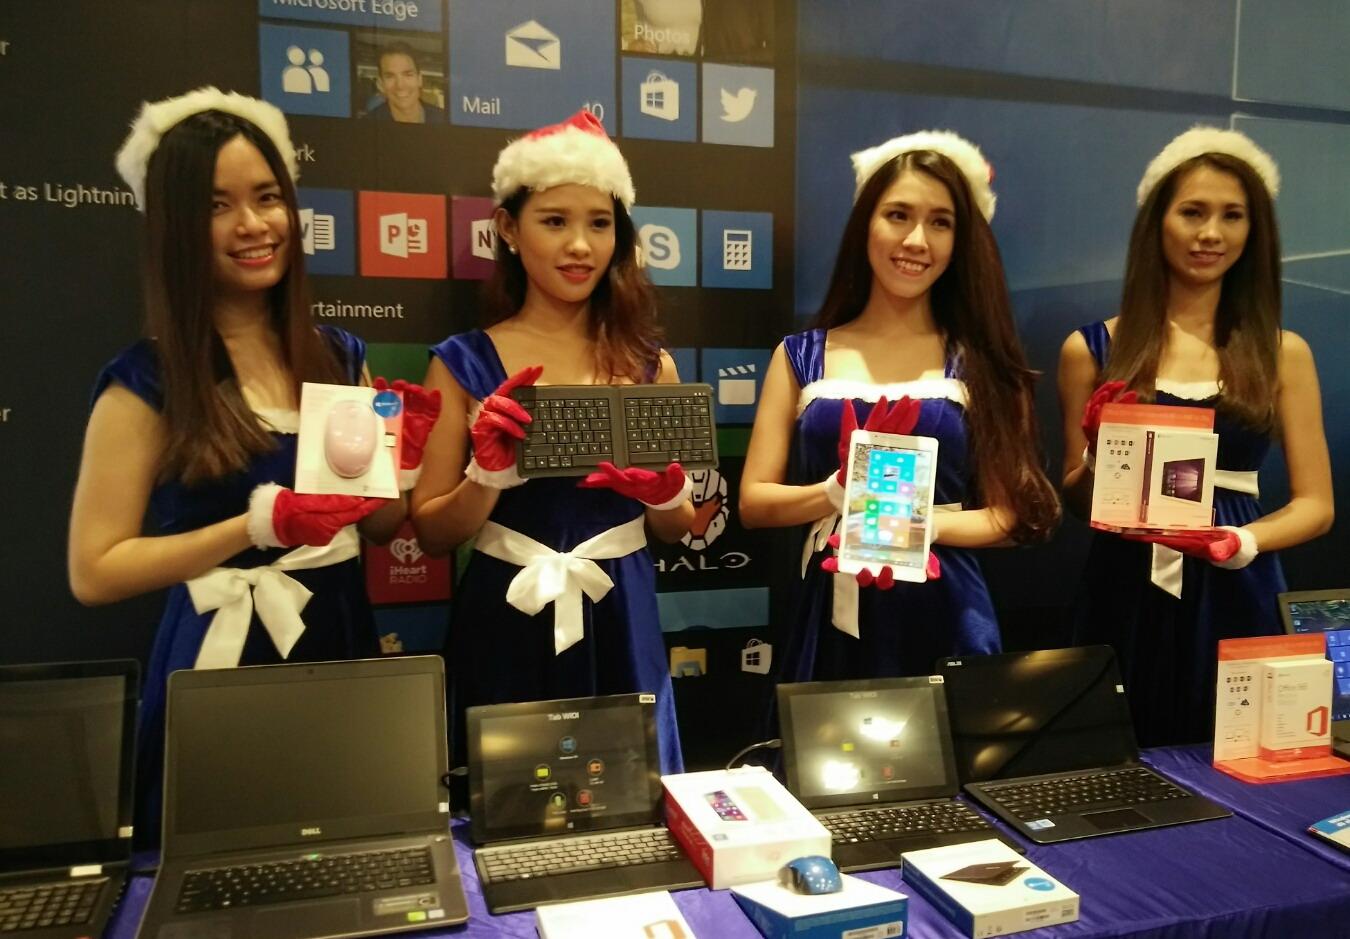 Những sản phẩm có cài sẵn Windows 10